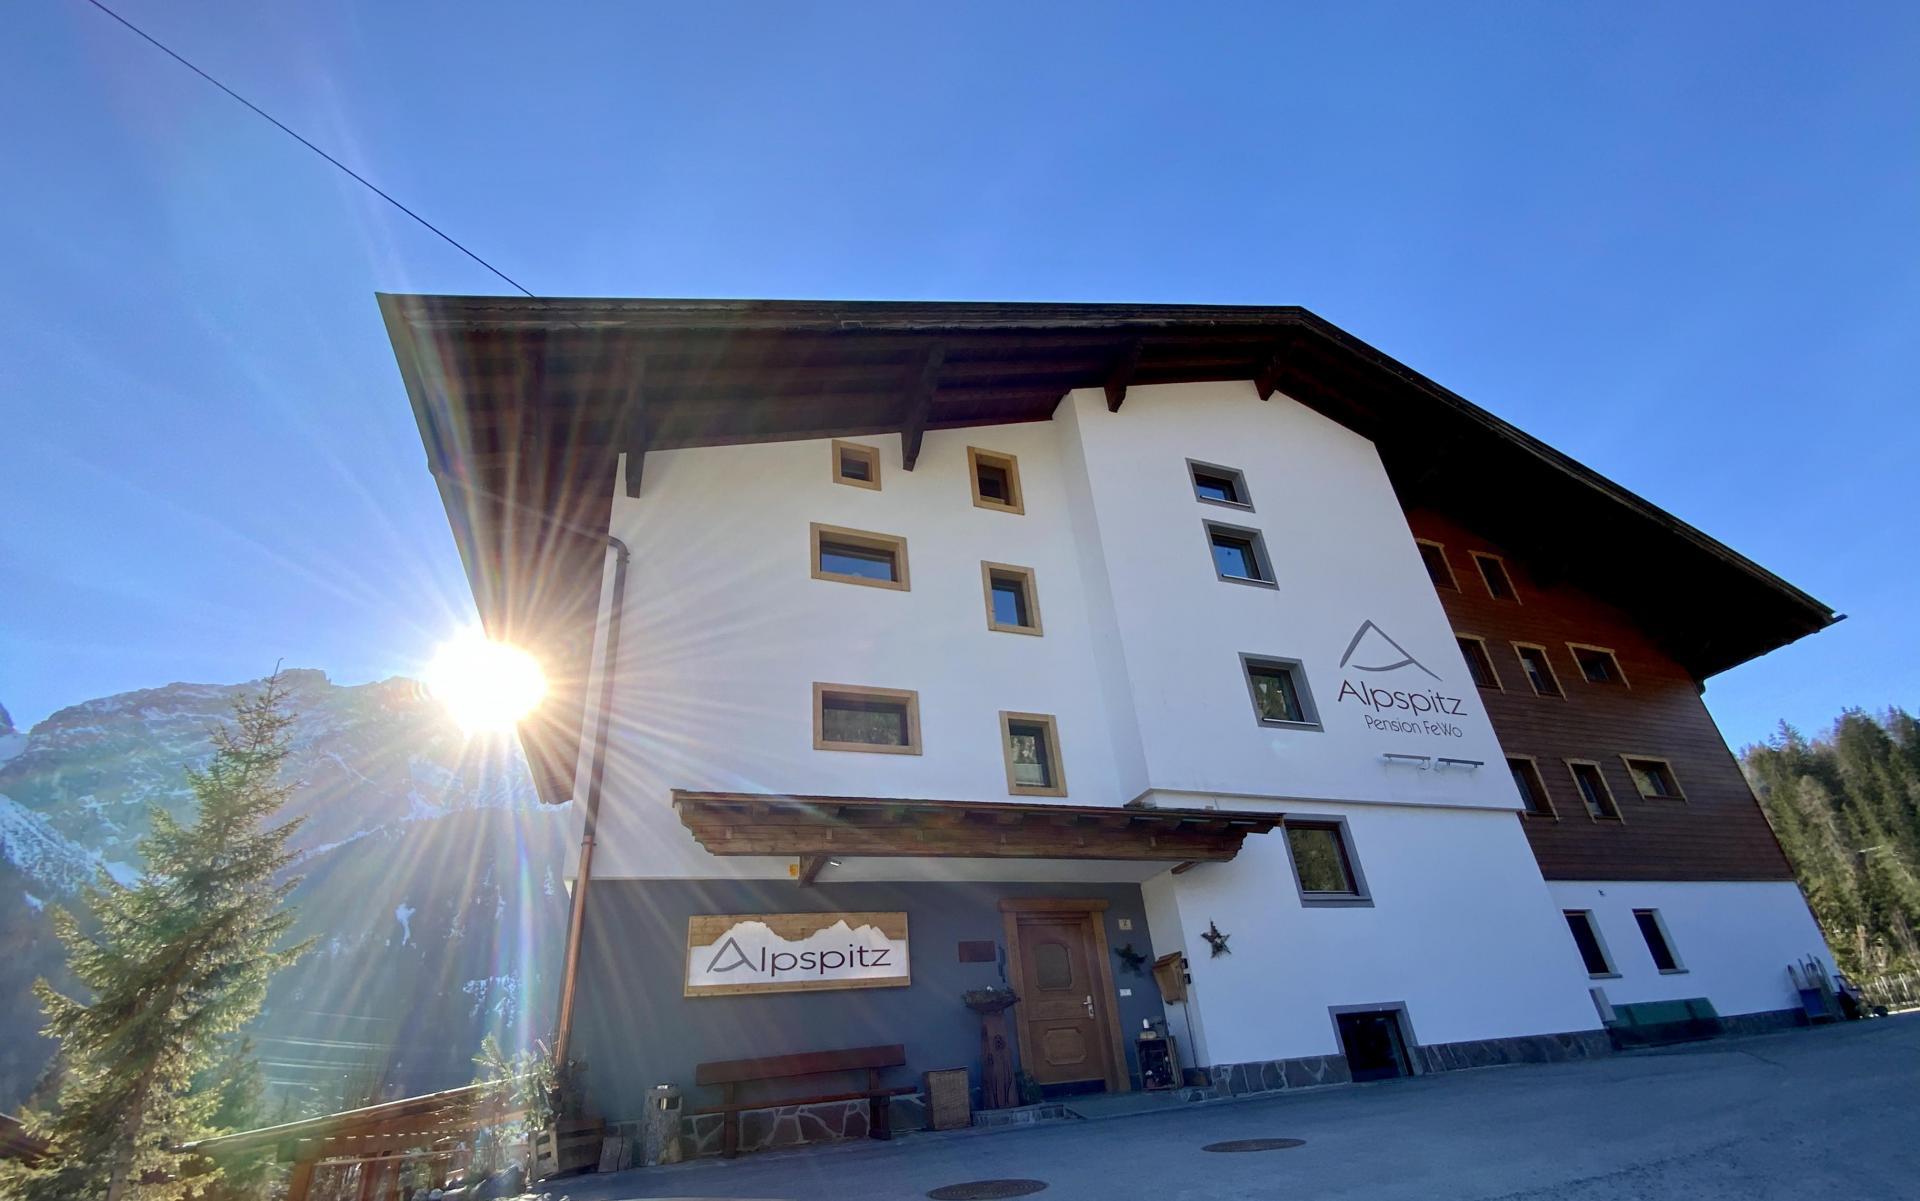 Alpspitz #Willkommen#Bildergalerie#Anreise